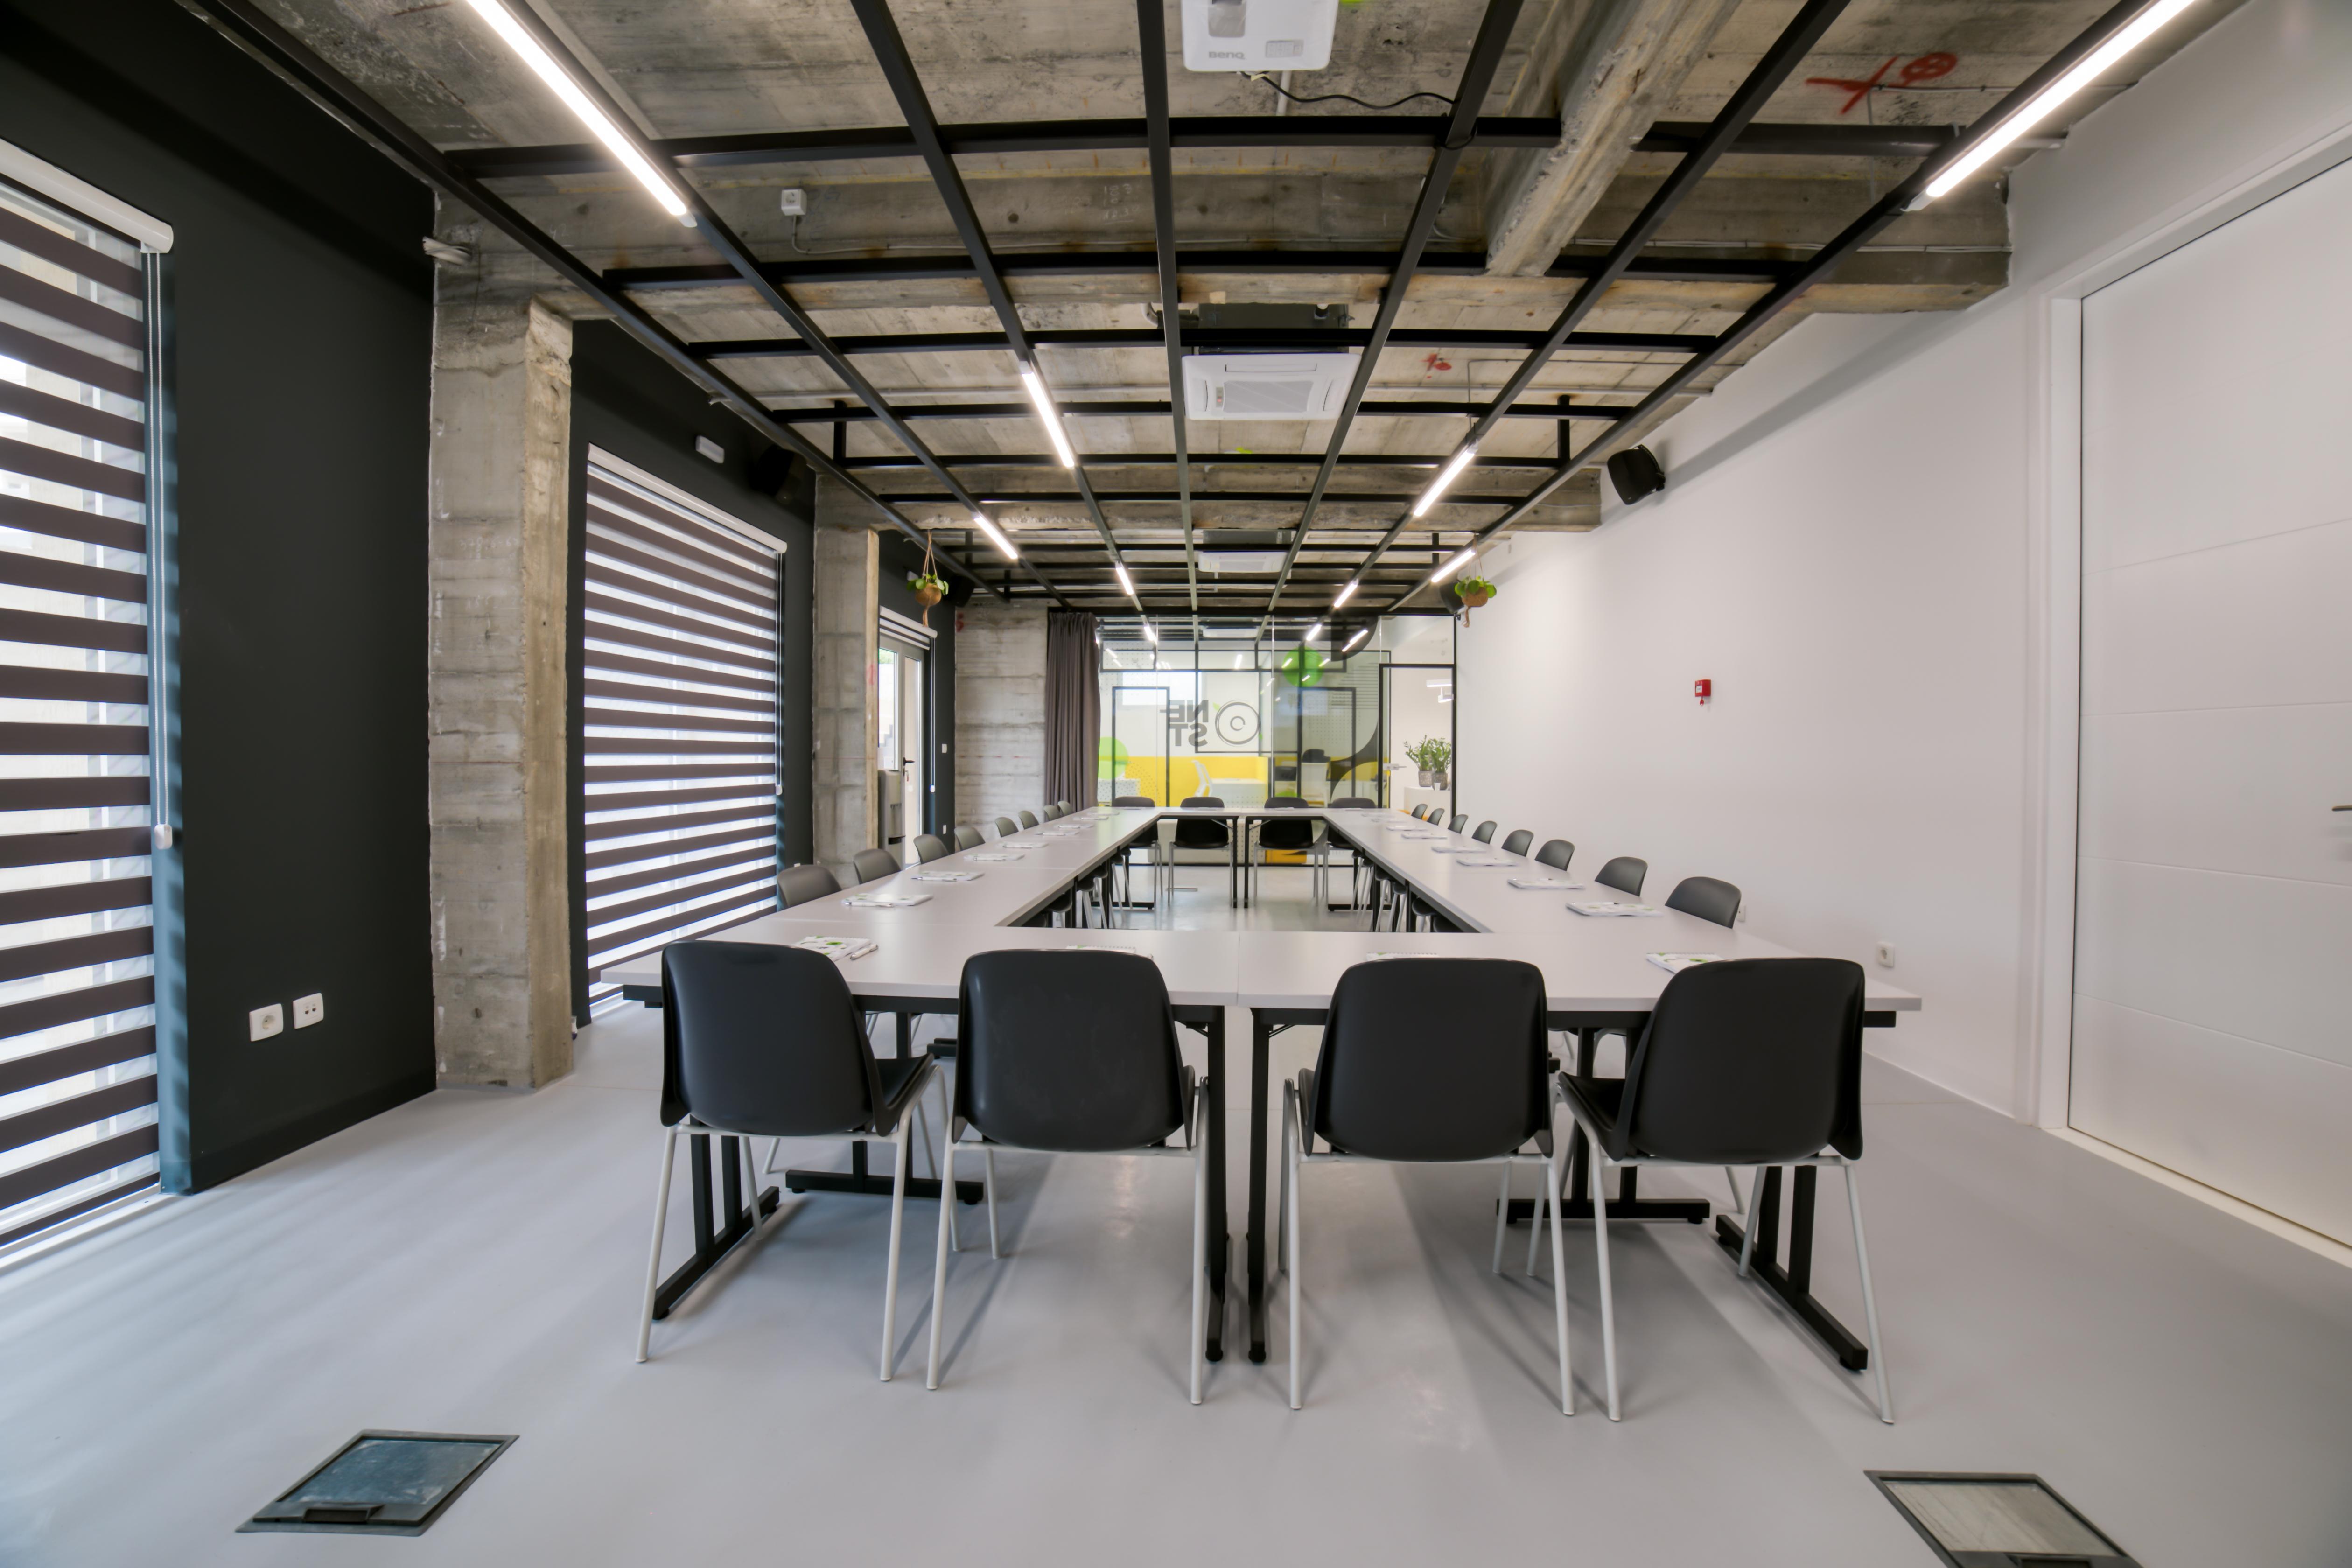 Konferencijska sala - okrugli sto